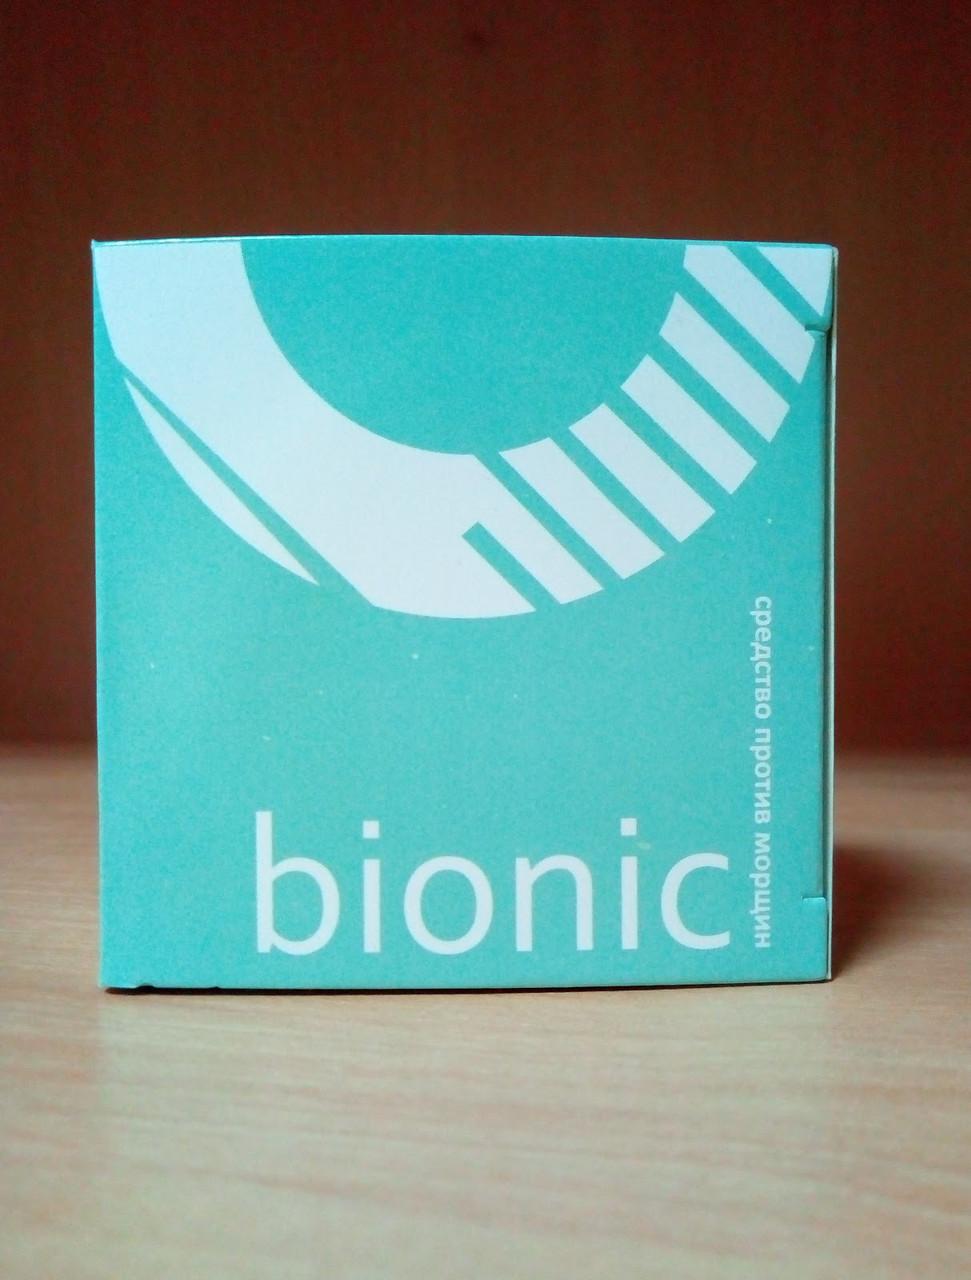 Bionic - Крем против морщин (Бионик